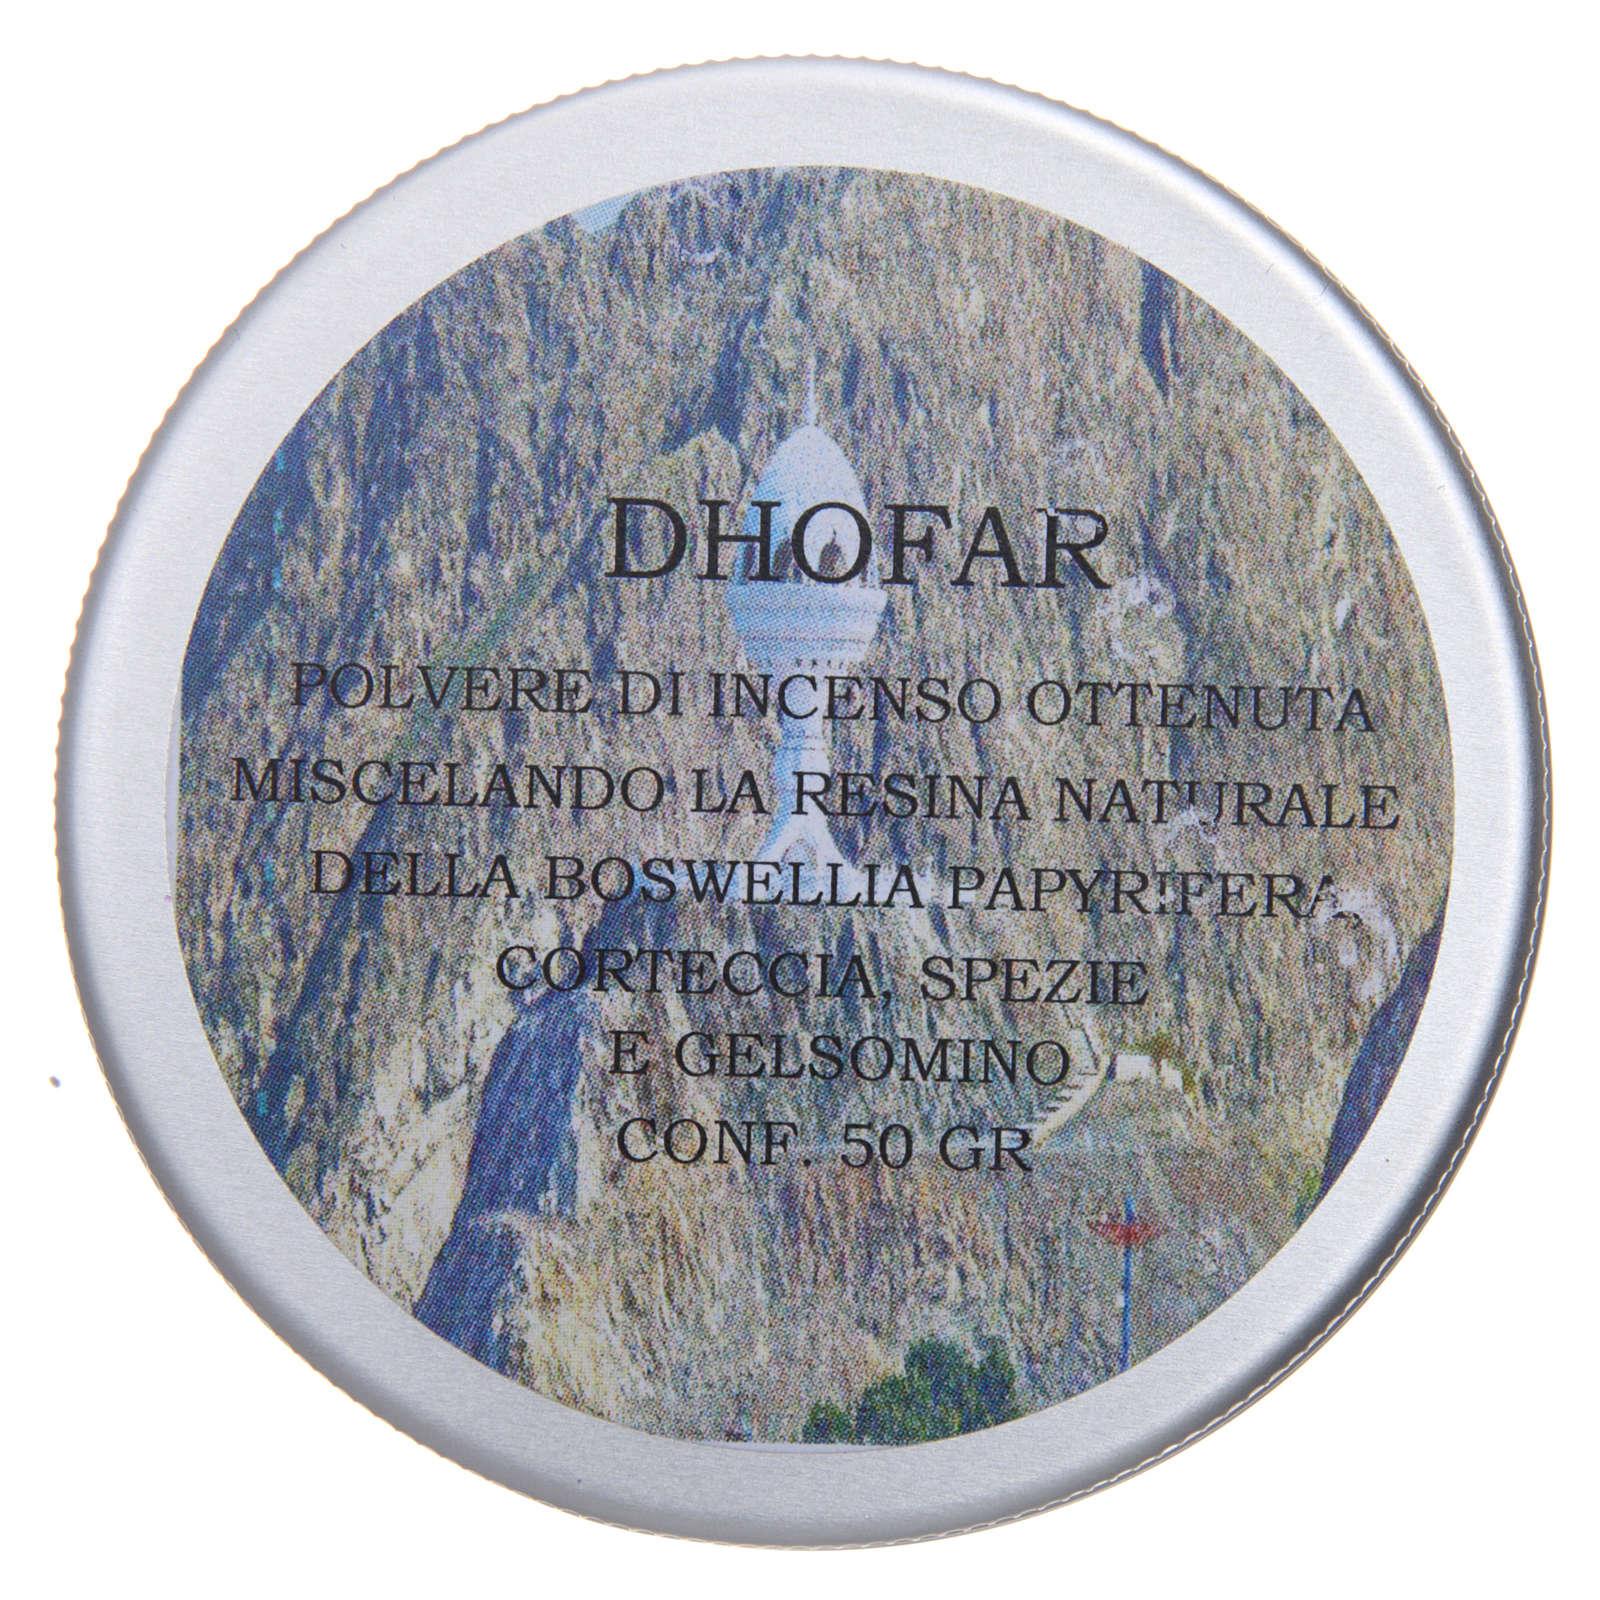 Encens en poudre Dhofar 50 gr 3